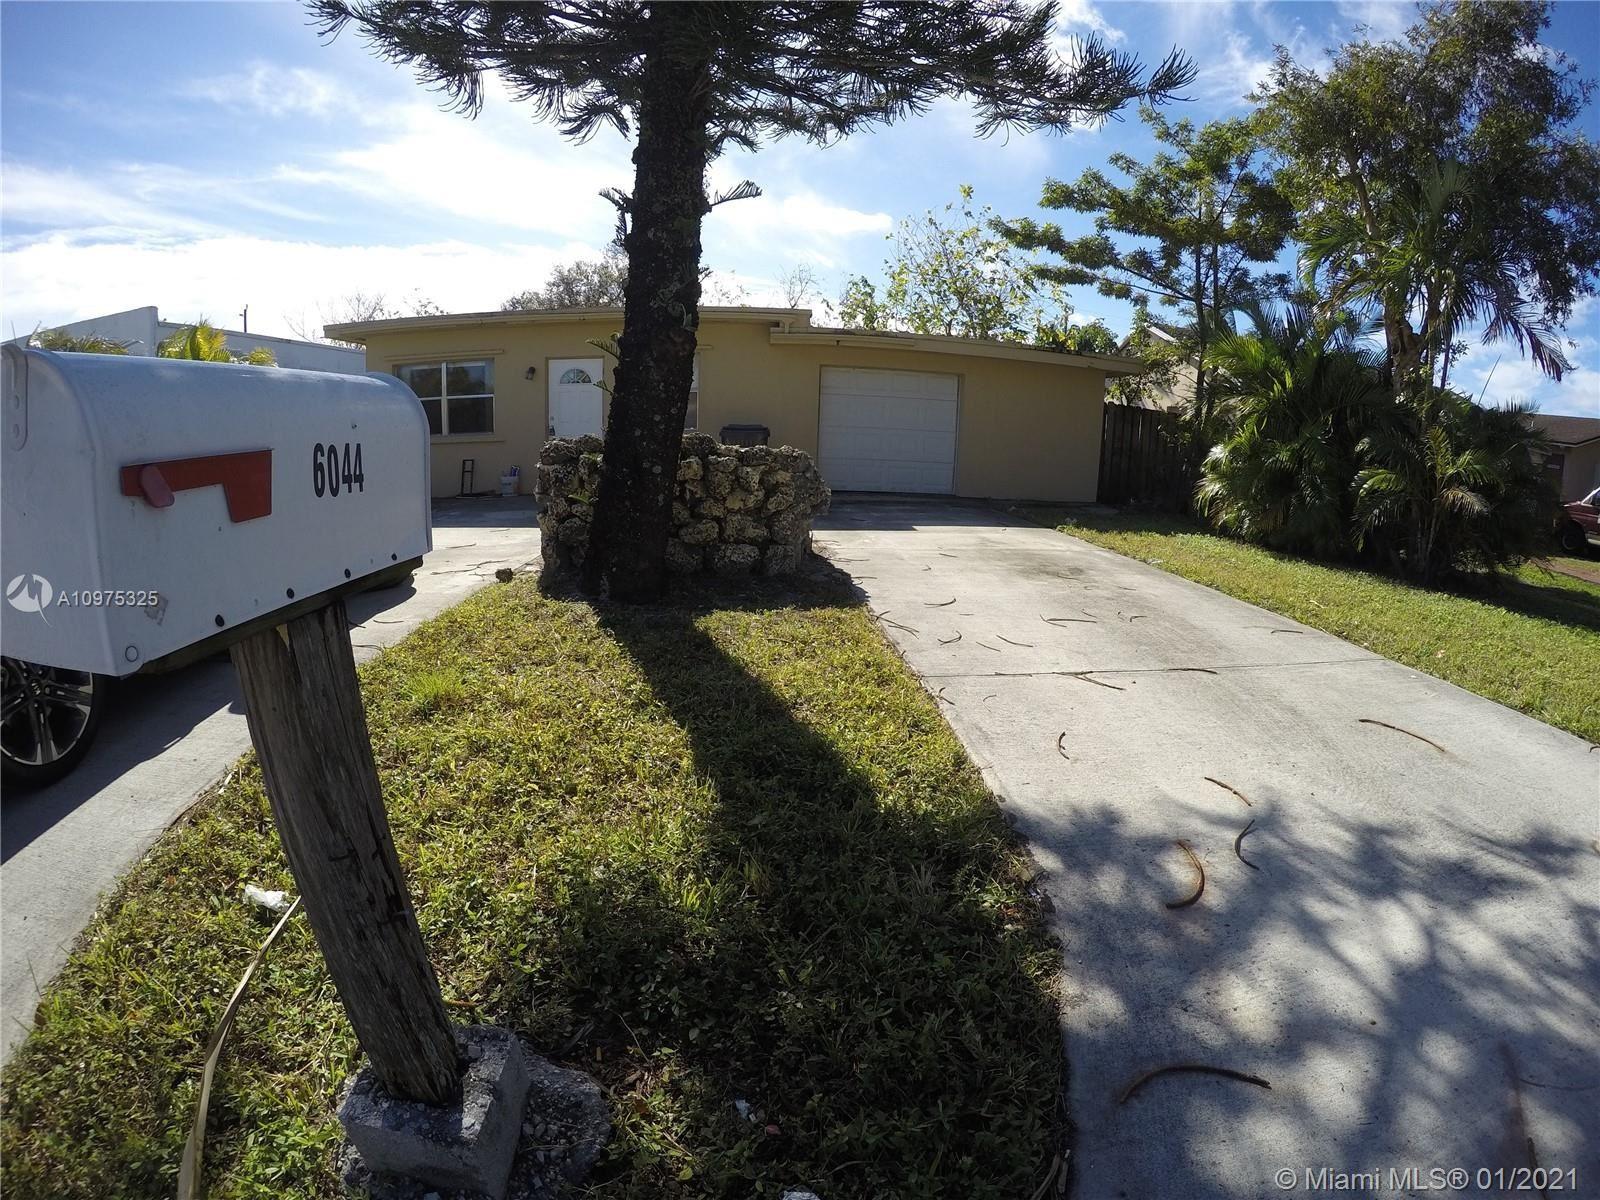 6044 Buchanan St, Hollywood, FL 33024 - #: A10975325